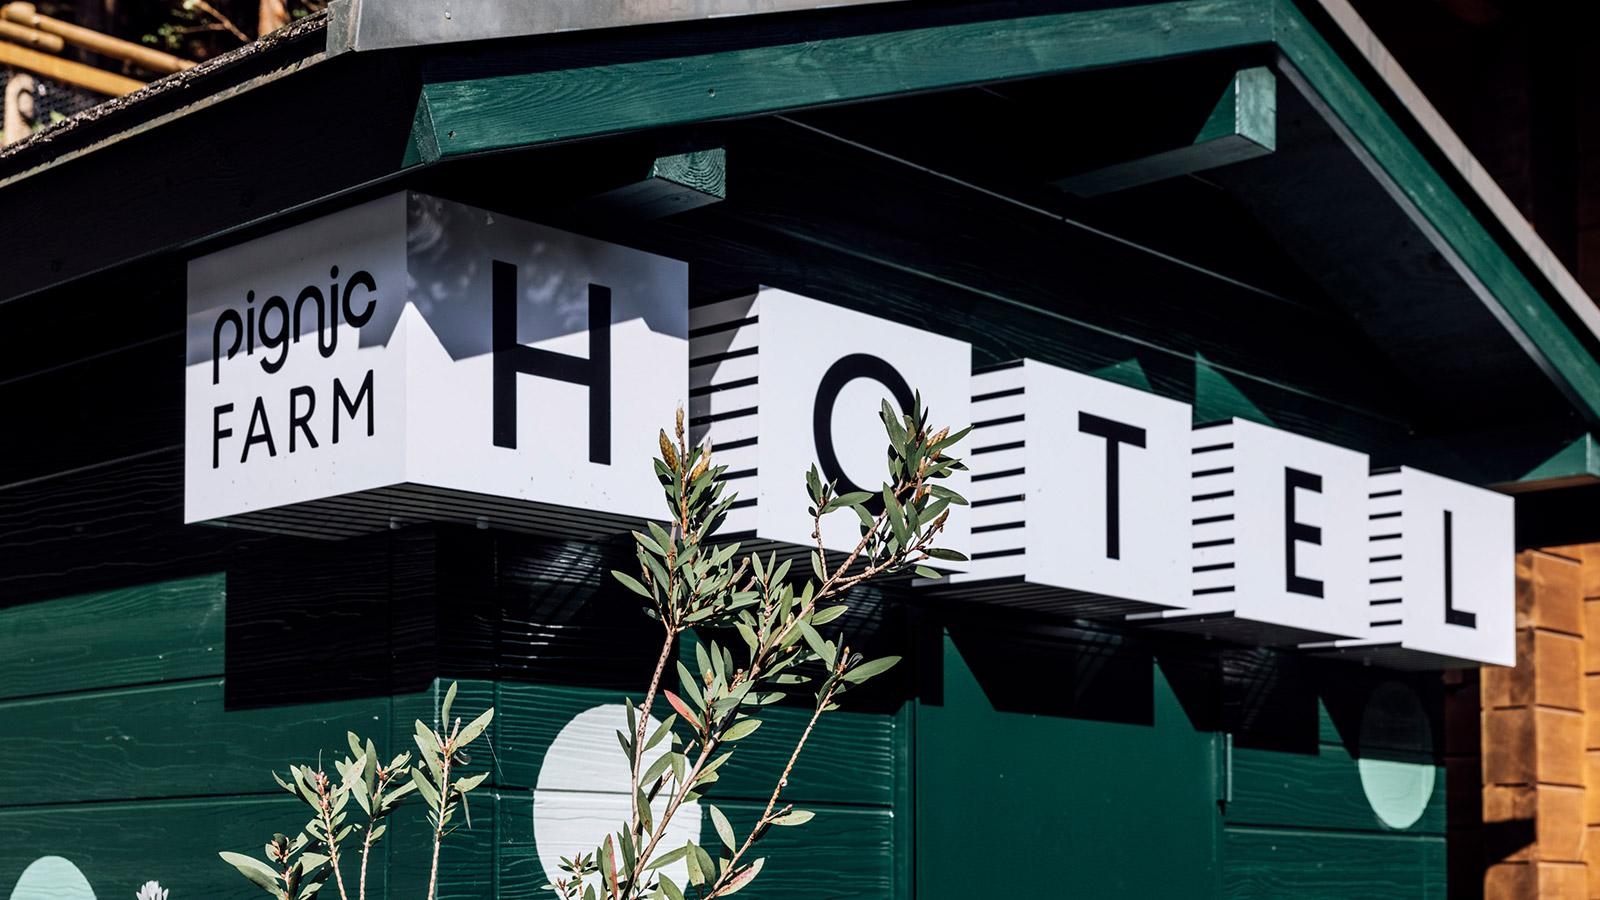 pignic hotel